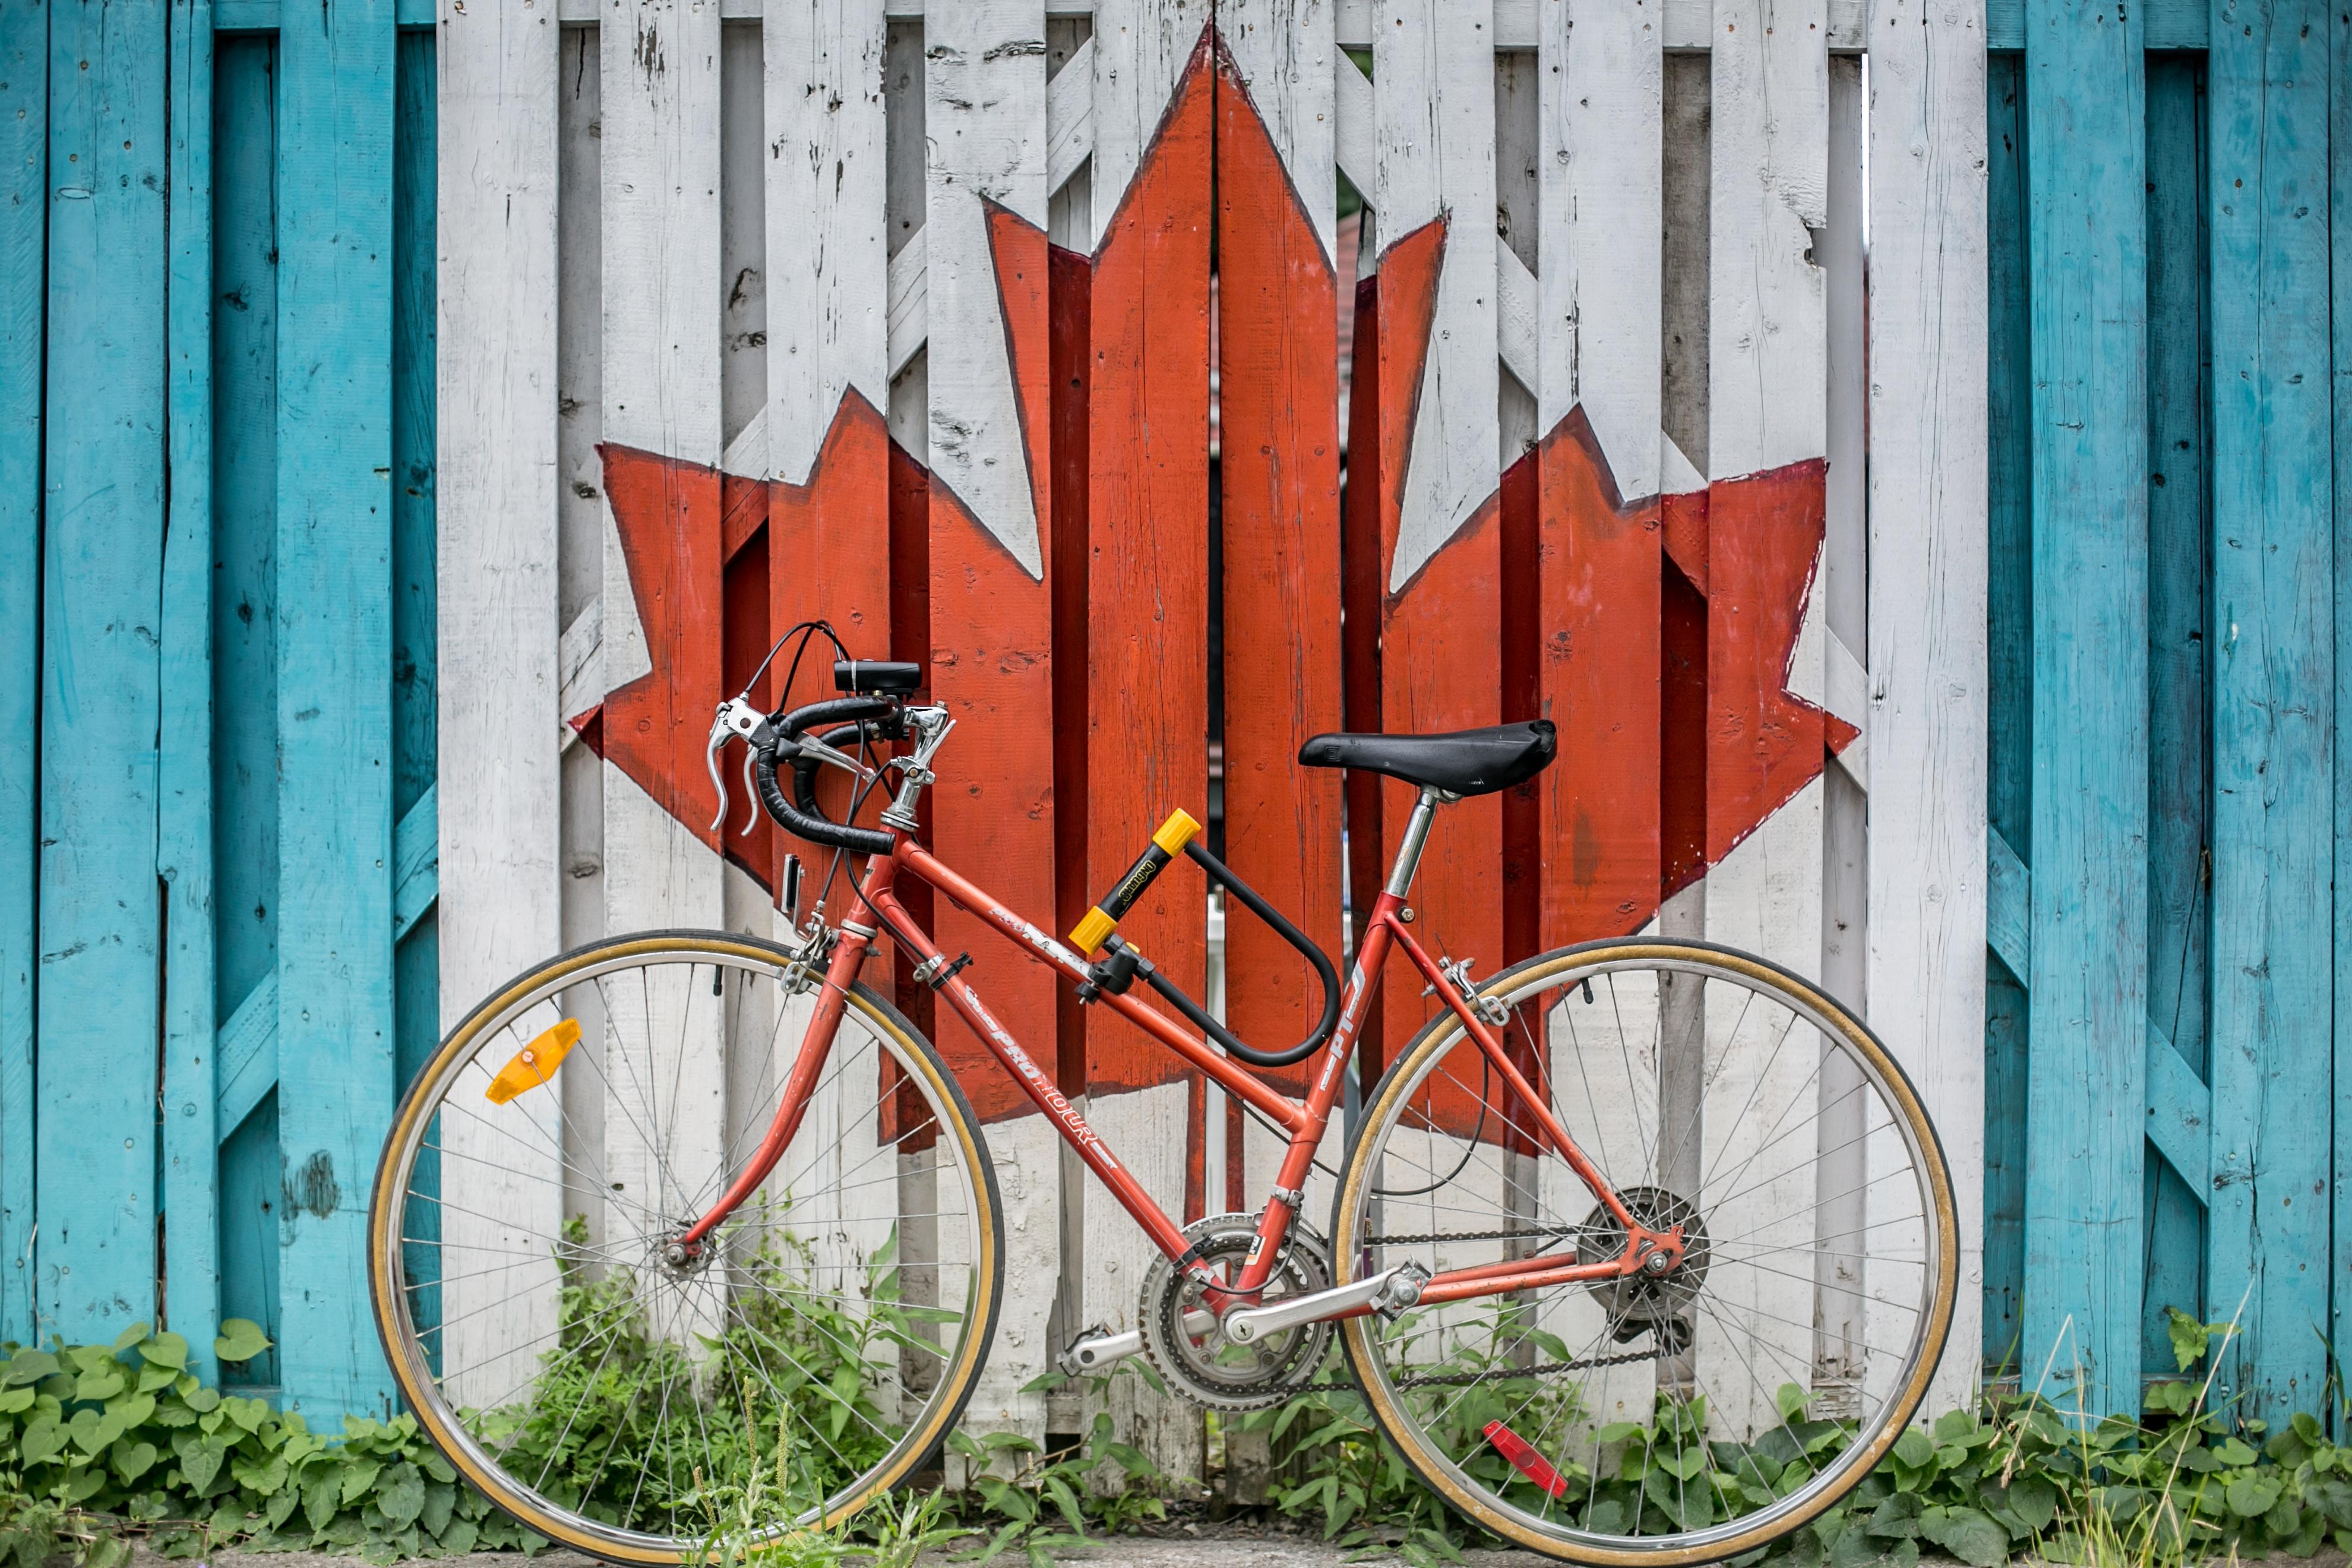 Canadá lidera o ranking de países com maiores riscos de bolha imobiliária / Photo by Ali Tawfiq on Unsplash